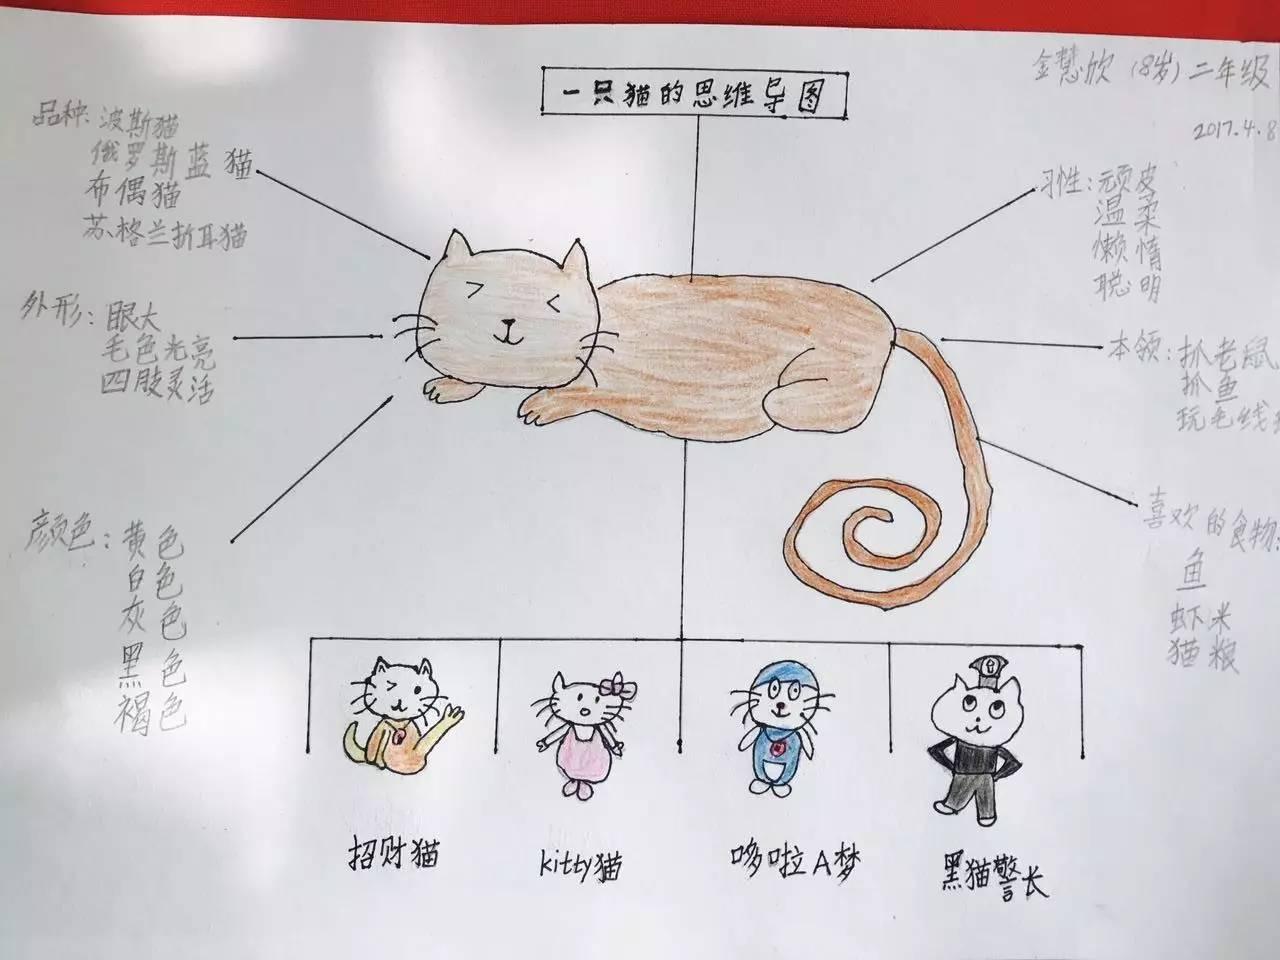 作品《一只猫的思维导图》来自傲梦学员金慧欣   由一只猫还能联想